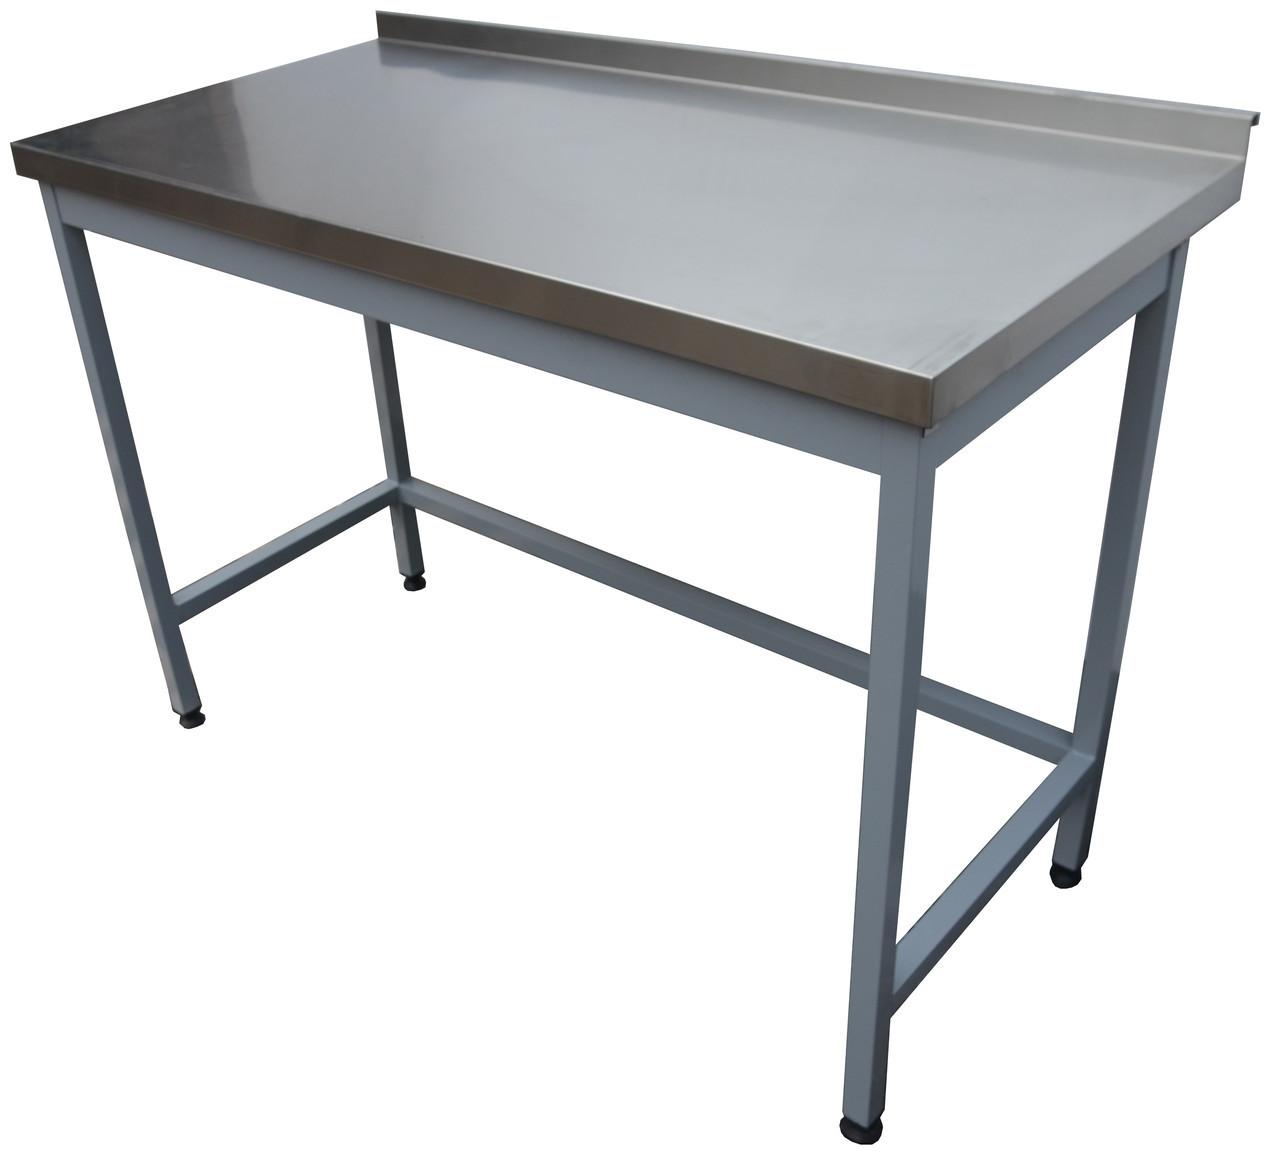 Стол производственный из нержавеющей стали без полки 1900, 700, AISI 304